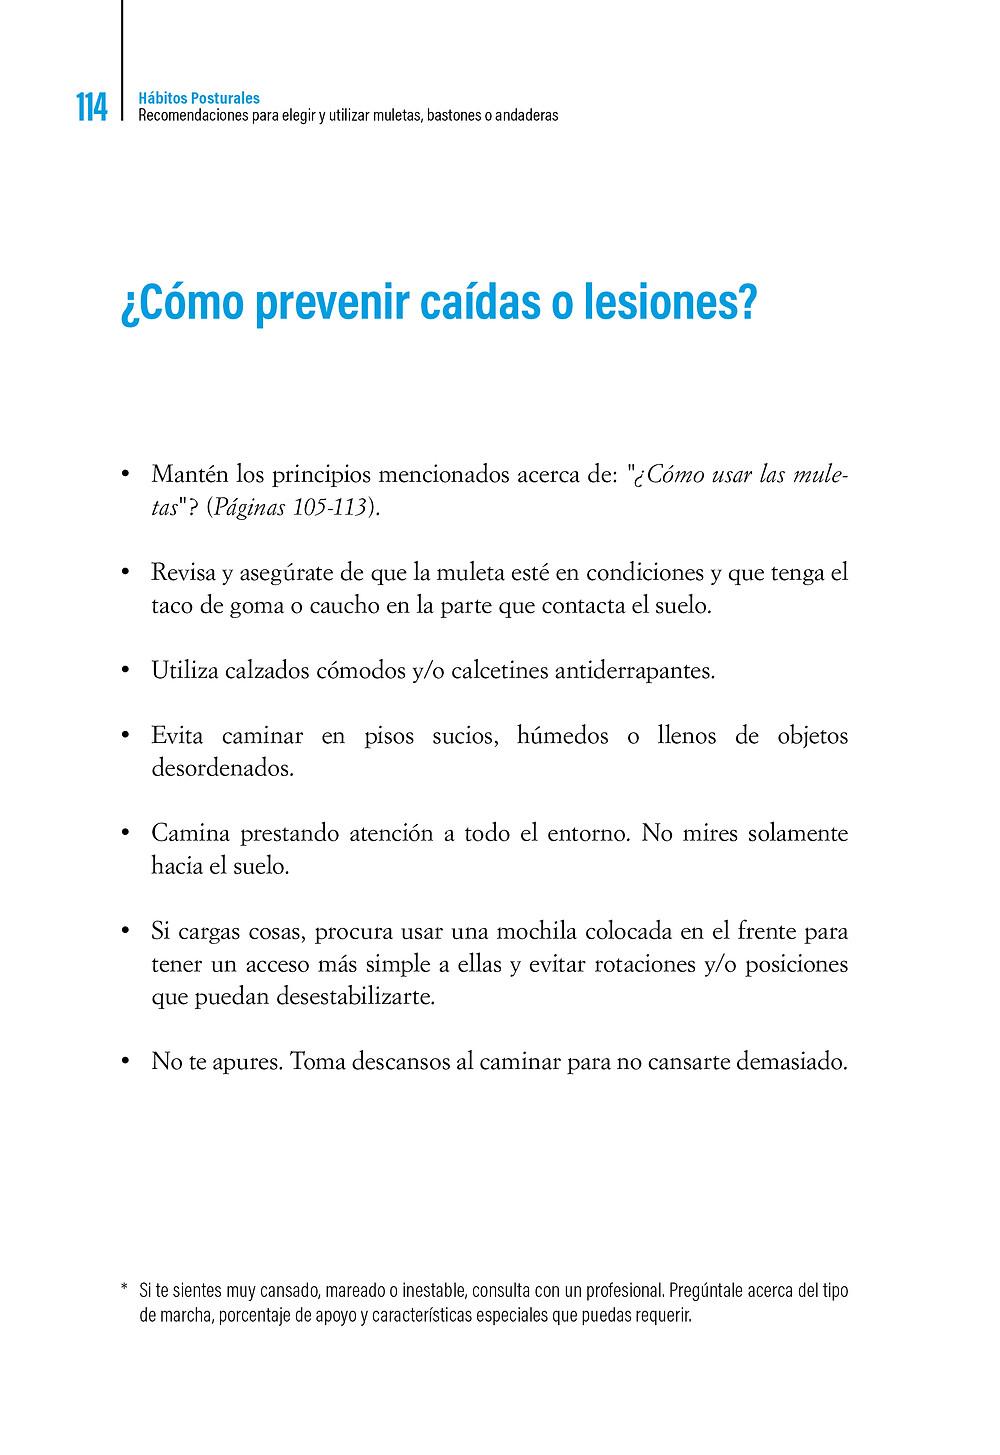 Libro Hábitos Posturales ¿Cómo prevenir caídas o lesiones ?